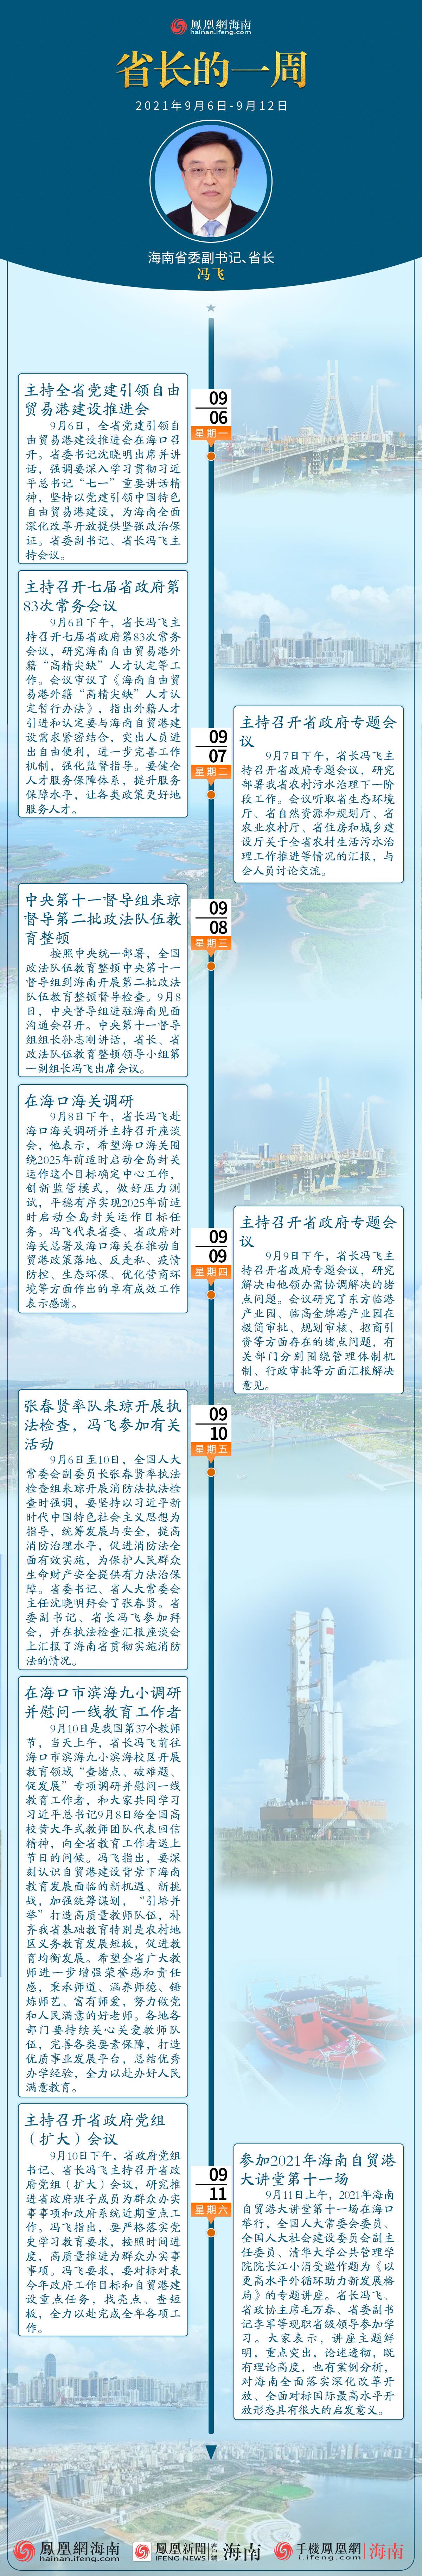 圖解:三分鐘速讀丨海南省省長馮飛的一周(2021年9月6日至9月12日)